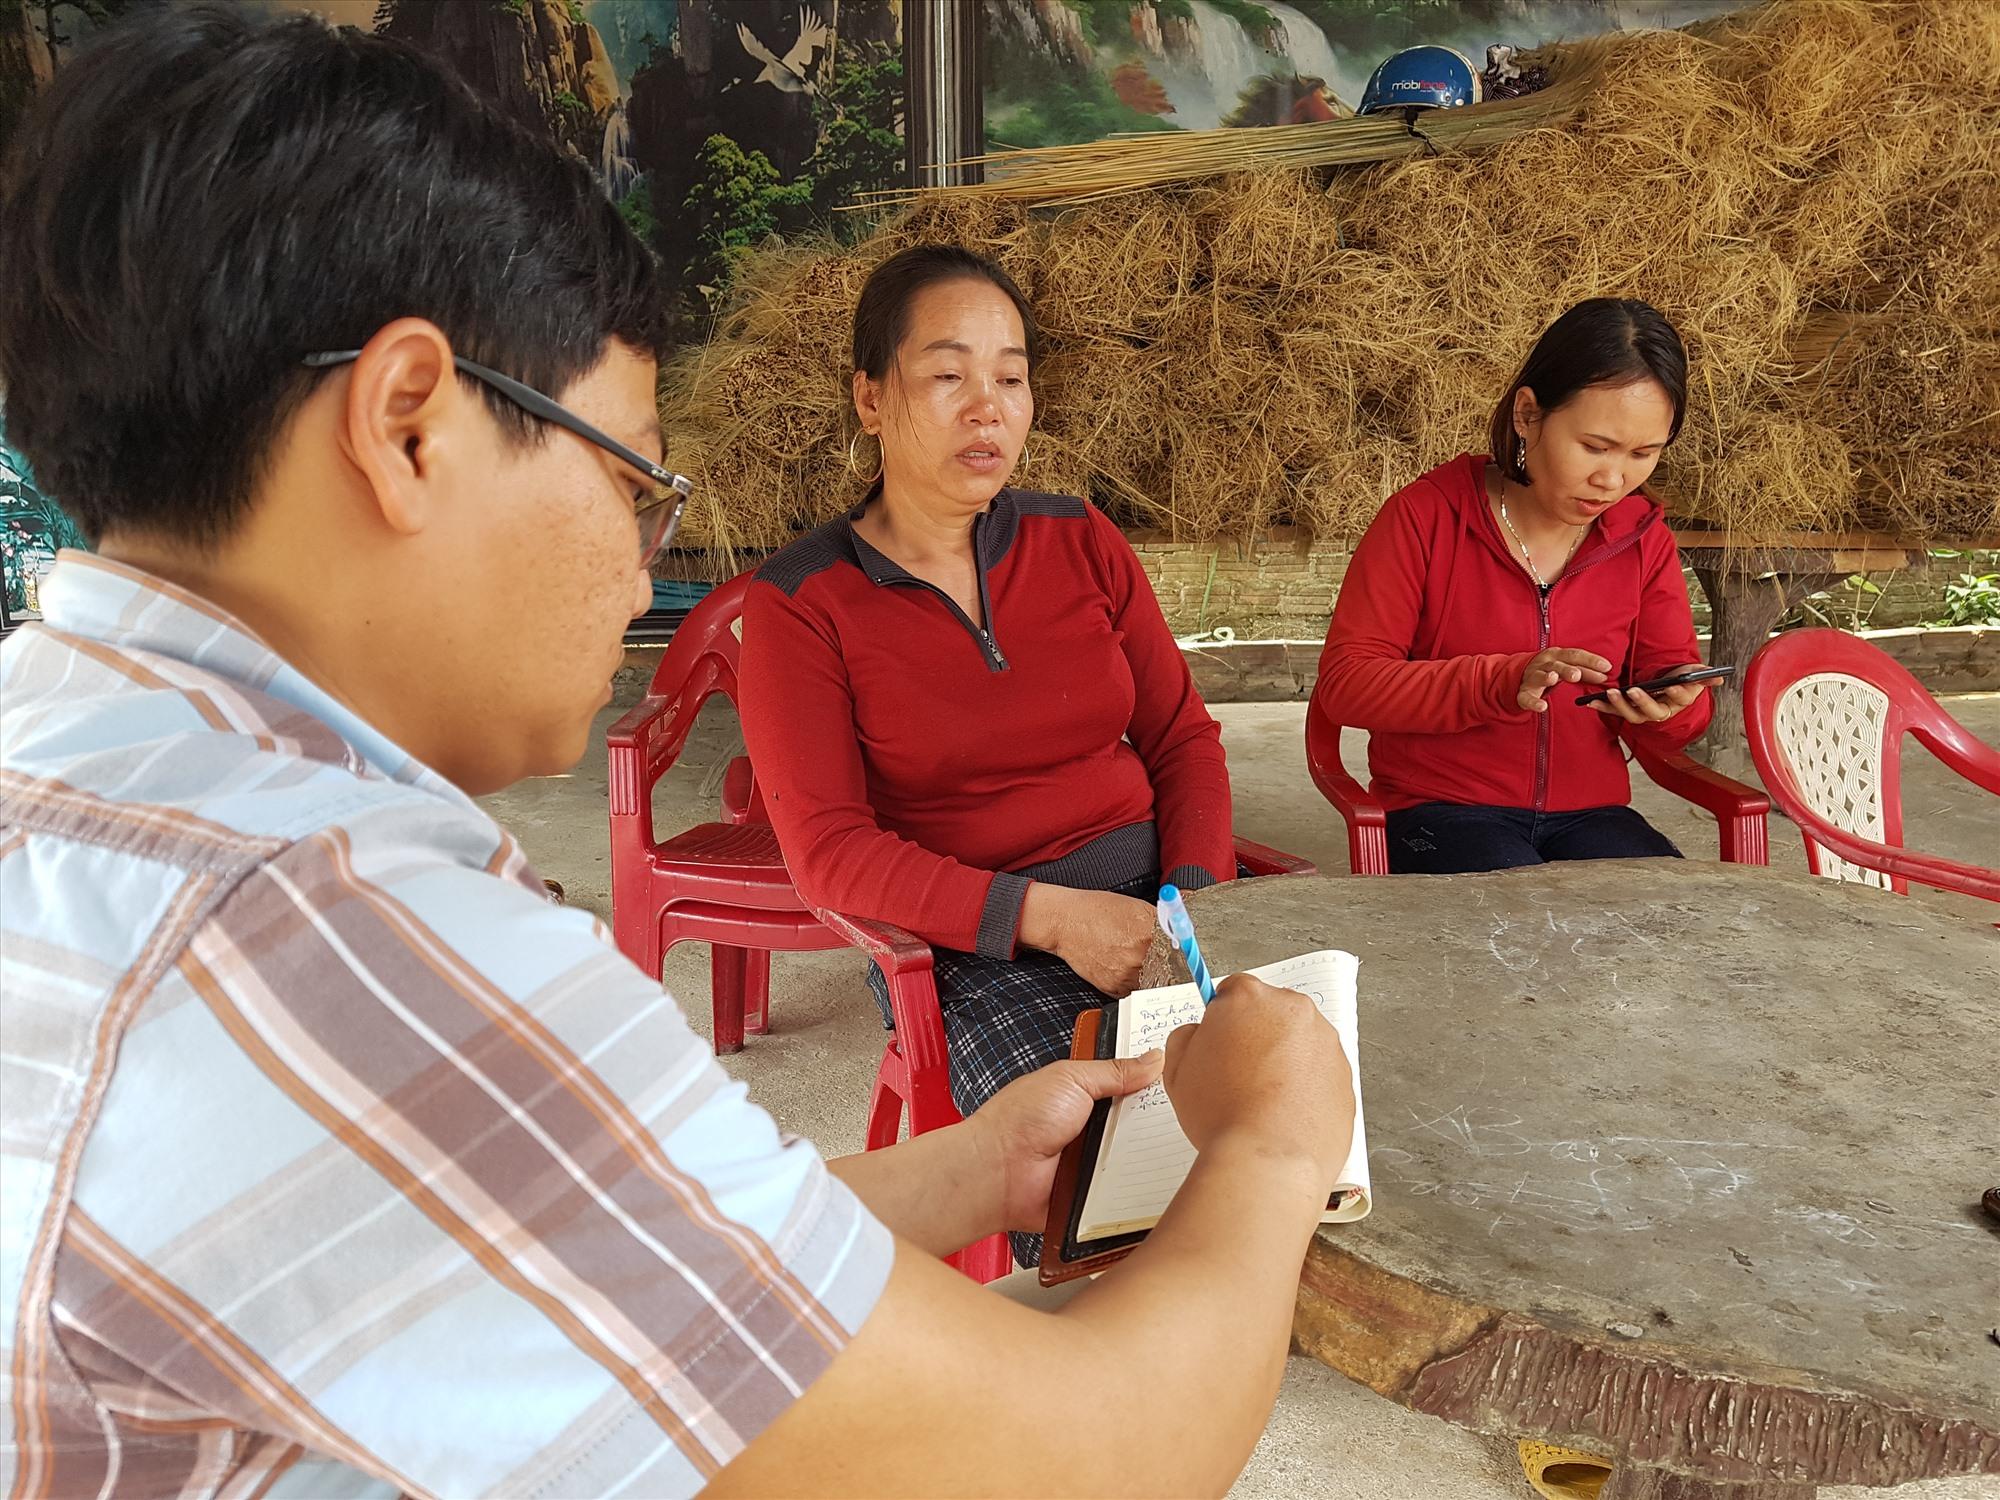 Bà Dương Thị Lan (ngồi giữa) cho rằng kết luận điều tra vụ tai nạn gây ra cái chết cho con gái bà của Cơ quan CSĐT Công an huyện Phước Sơn thiếu khách quan. Ảnh: C.Đ